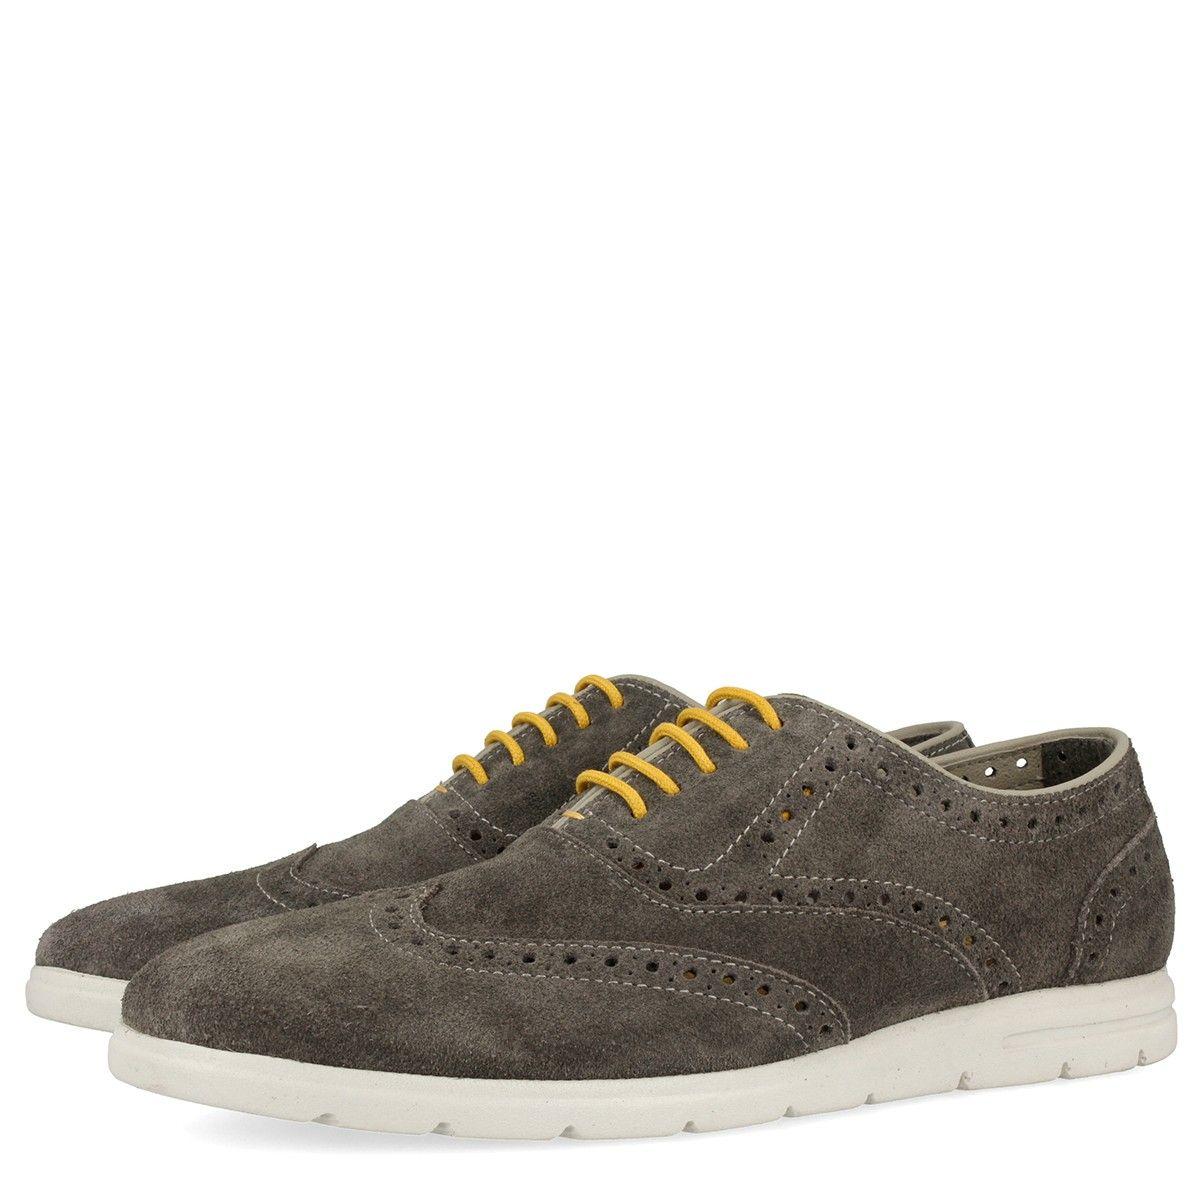 Zapatillas de piel gris estilo oxford. Detalle de cordones amarillos y suela blanca. Corte y forro en piel y plantilla de tejido.